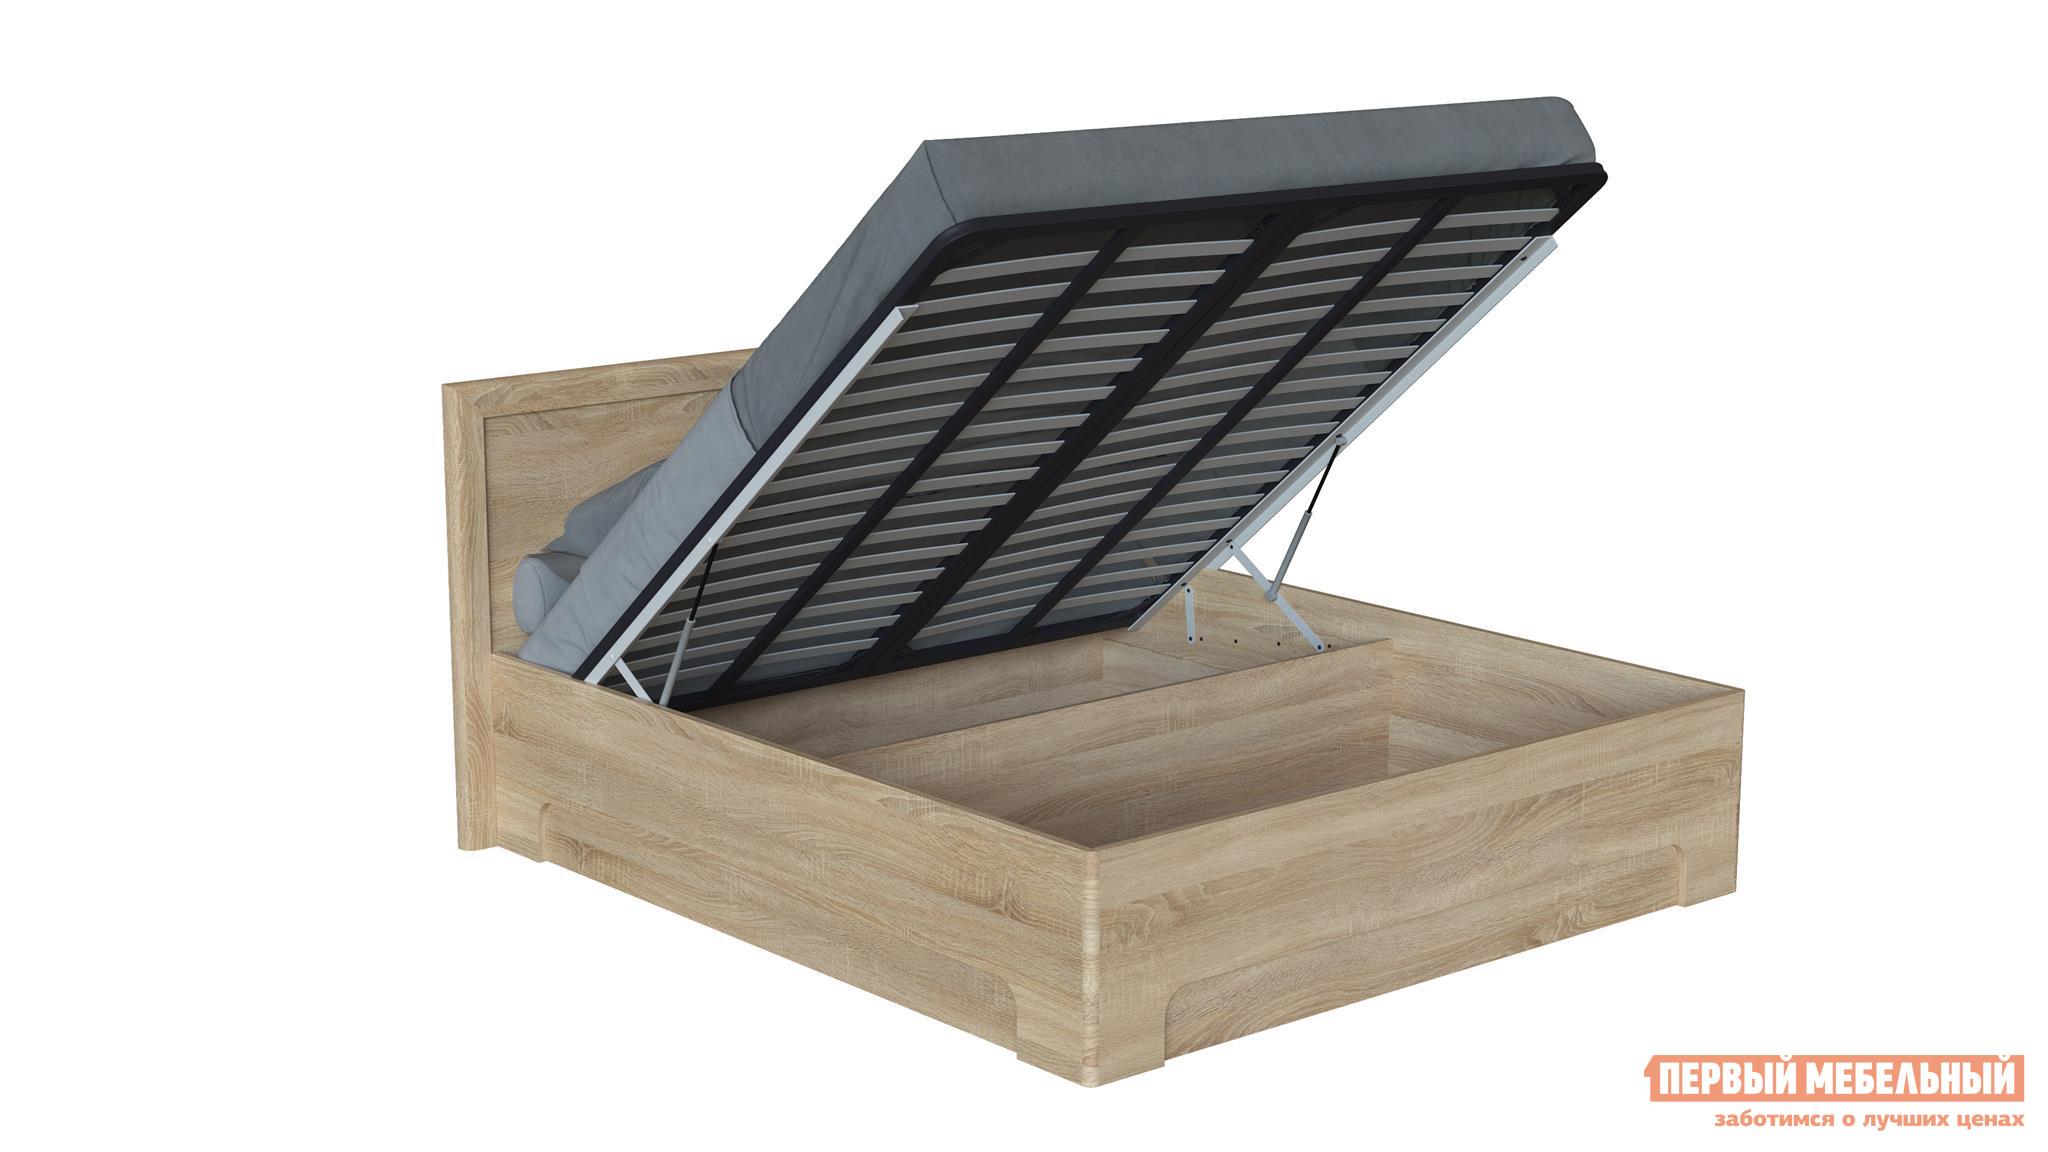 Кровать с подъемным механизмом Первый Мебельный Вега Прованс 1 ПМ двуспальная кровать orlando аскона орландо с пм с подъемным механизмом 180 x 200